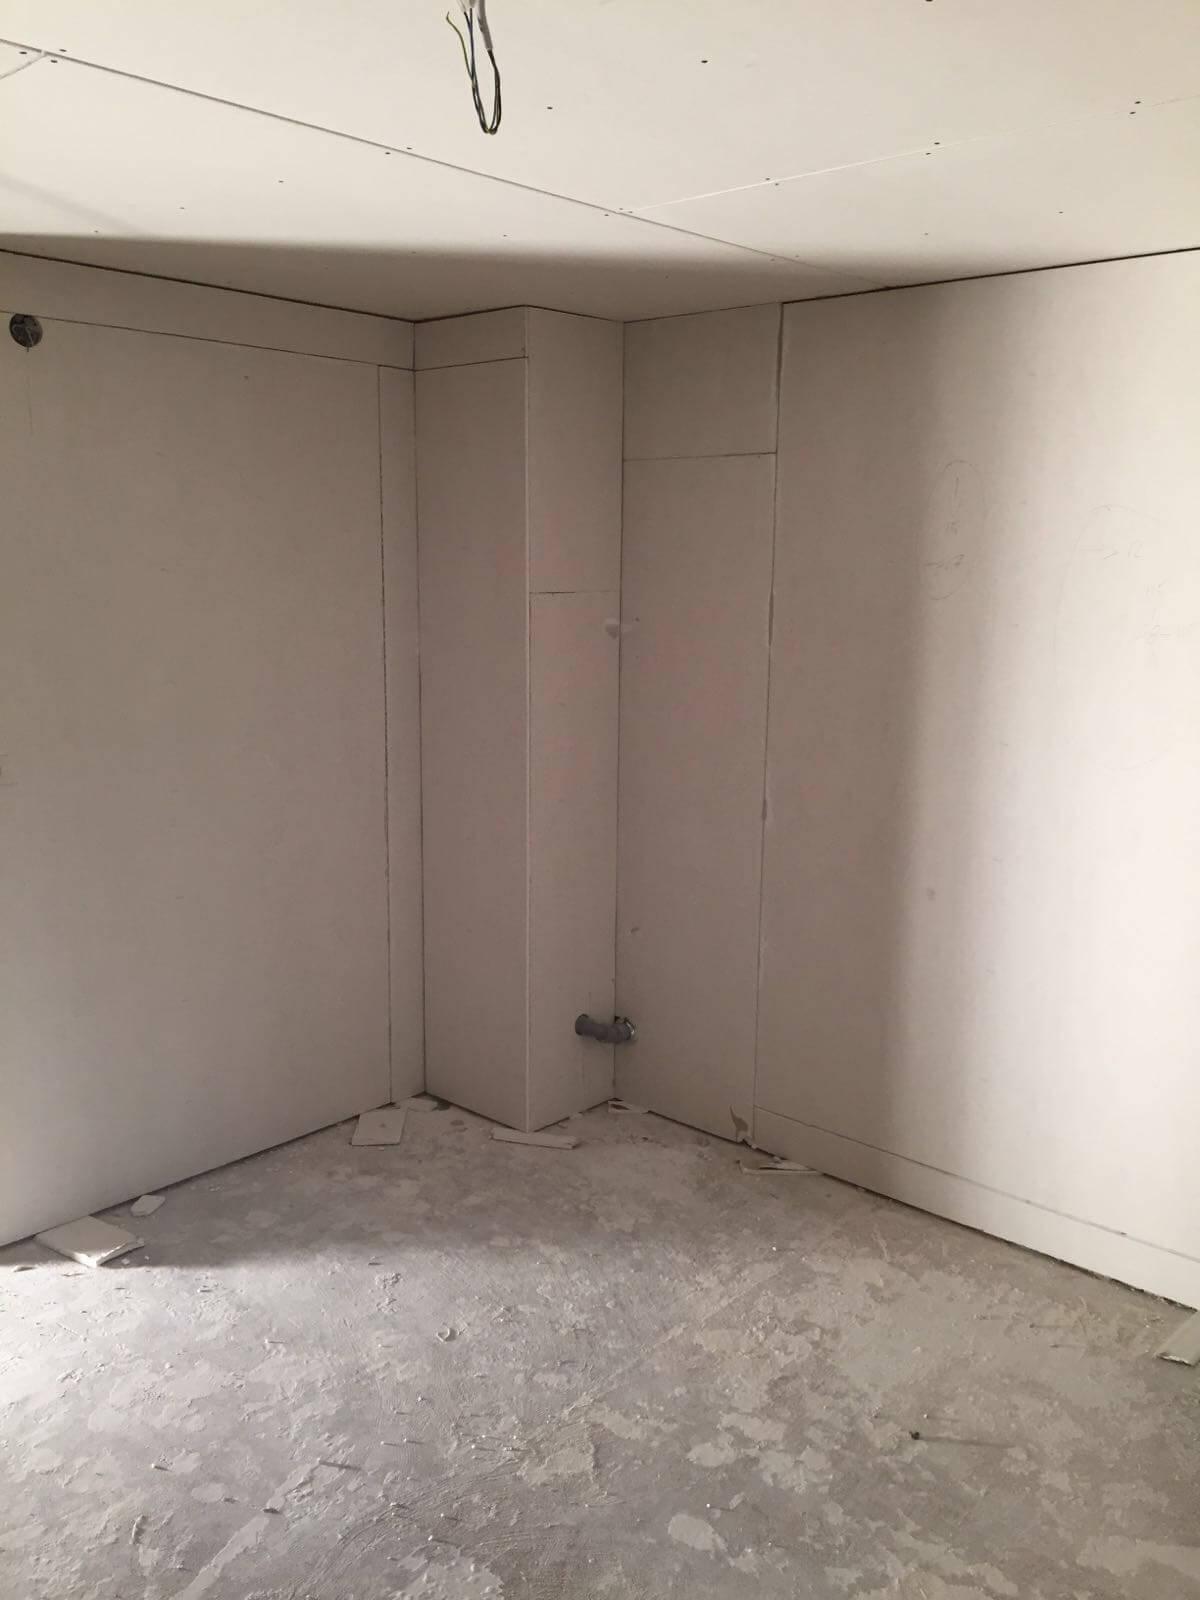 hkf maler referenzen trockenbau in b blingen. Black Bedroom Furniture Sets. Home Design Ideas